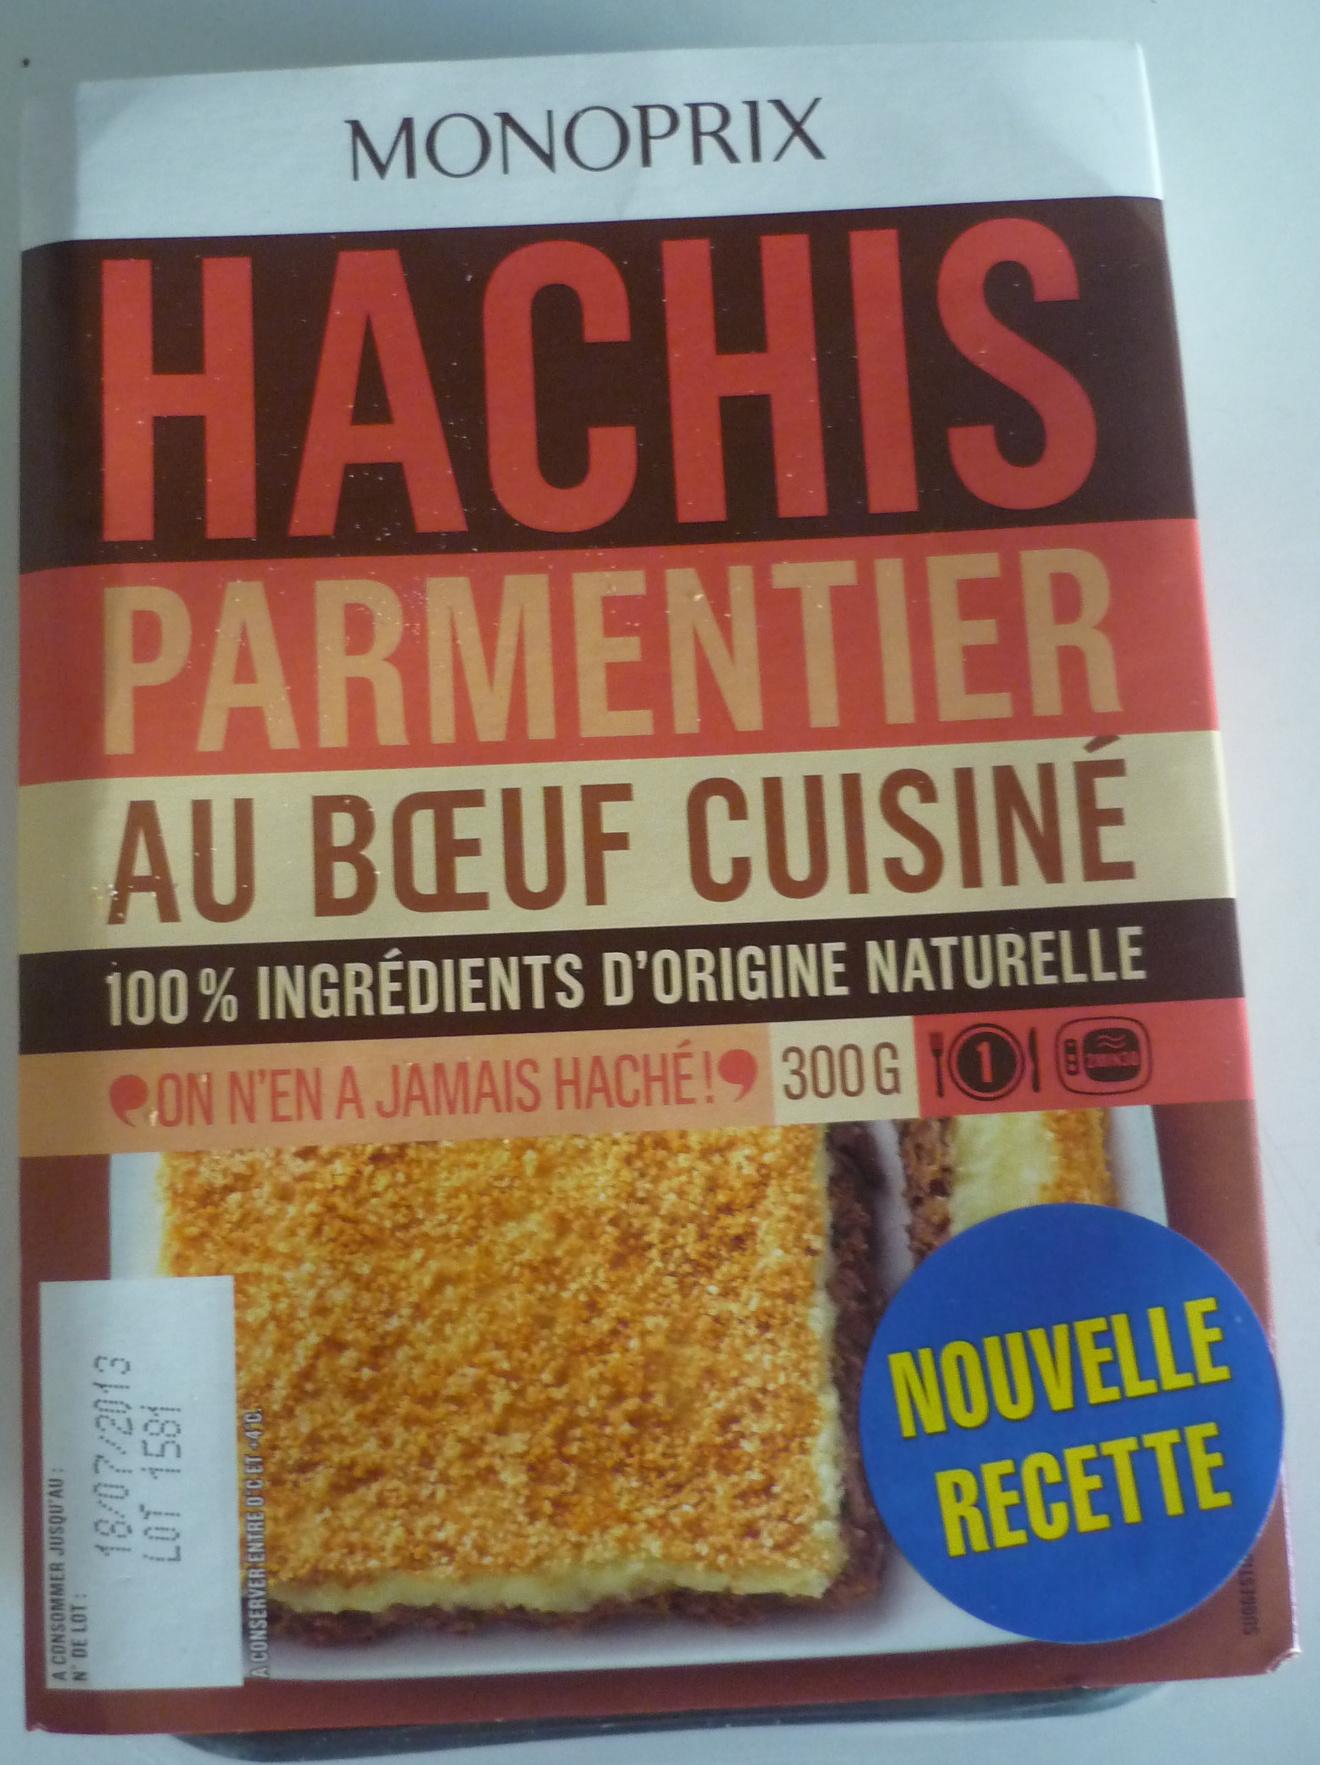 Hachis parmentier au bœuf cuisiné - Produit - fr